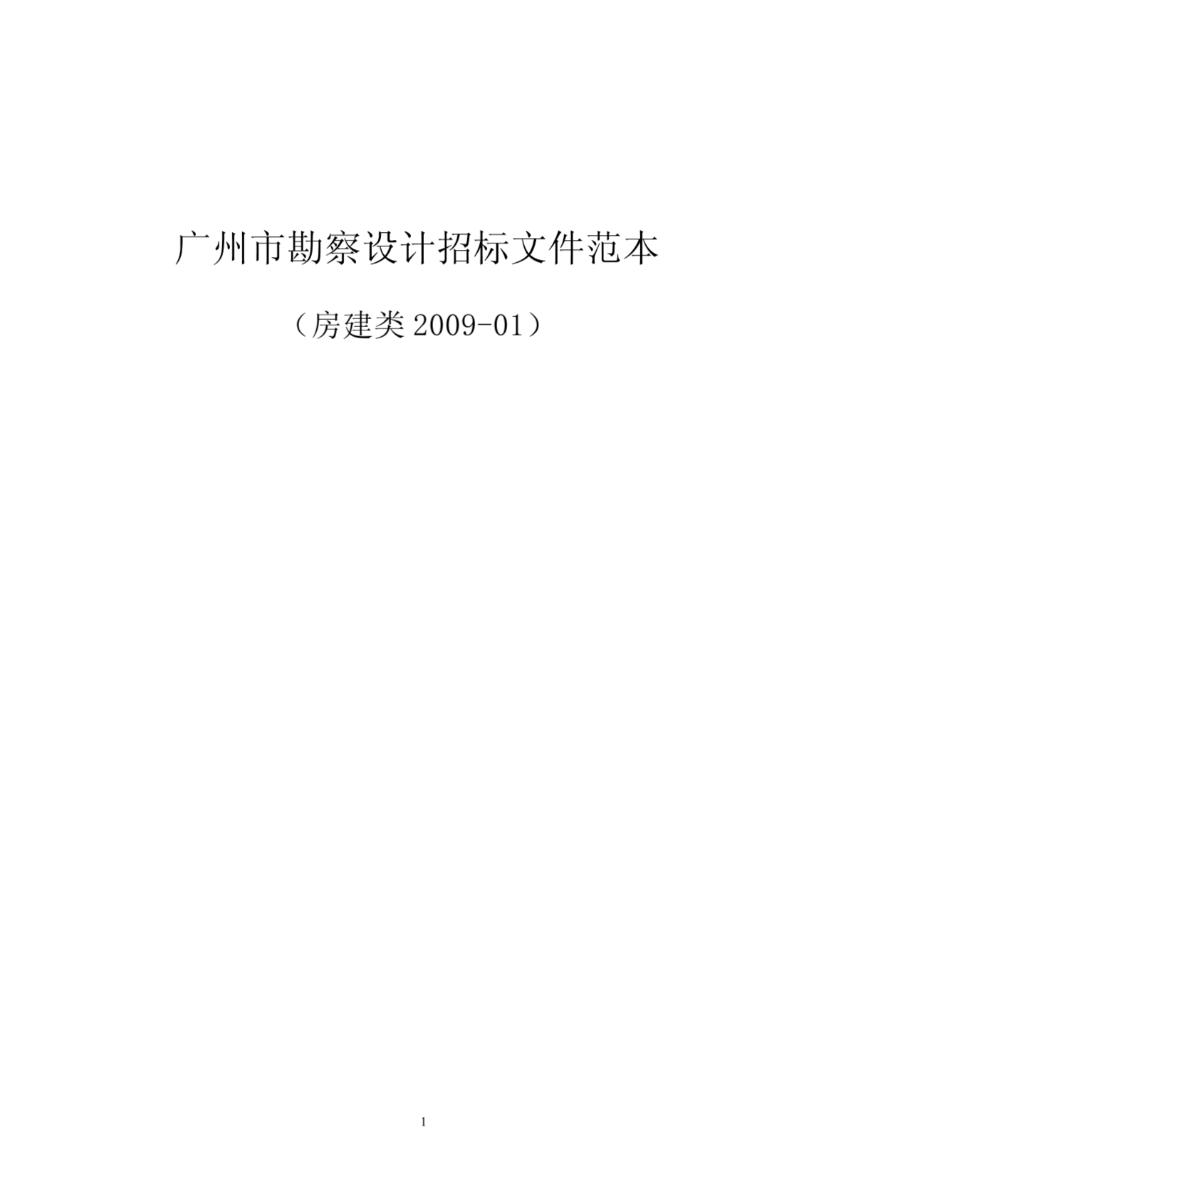 勘察设计招标文件-图二